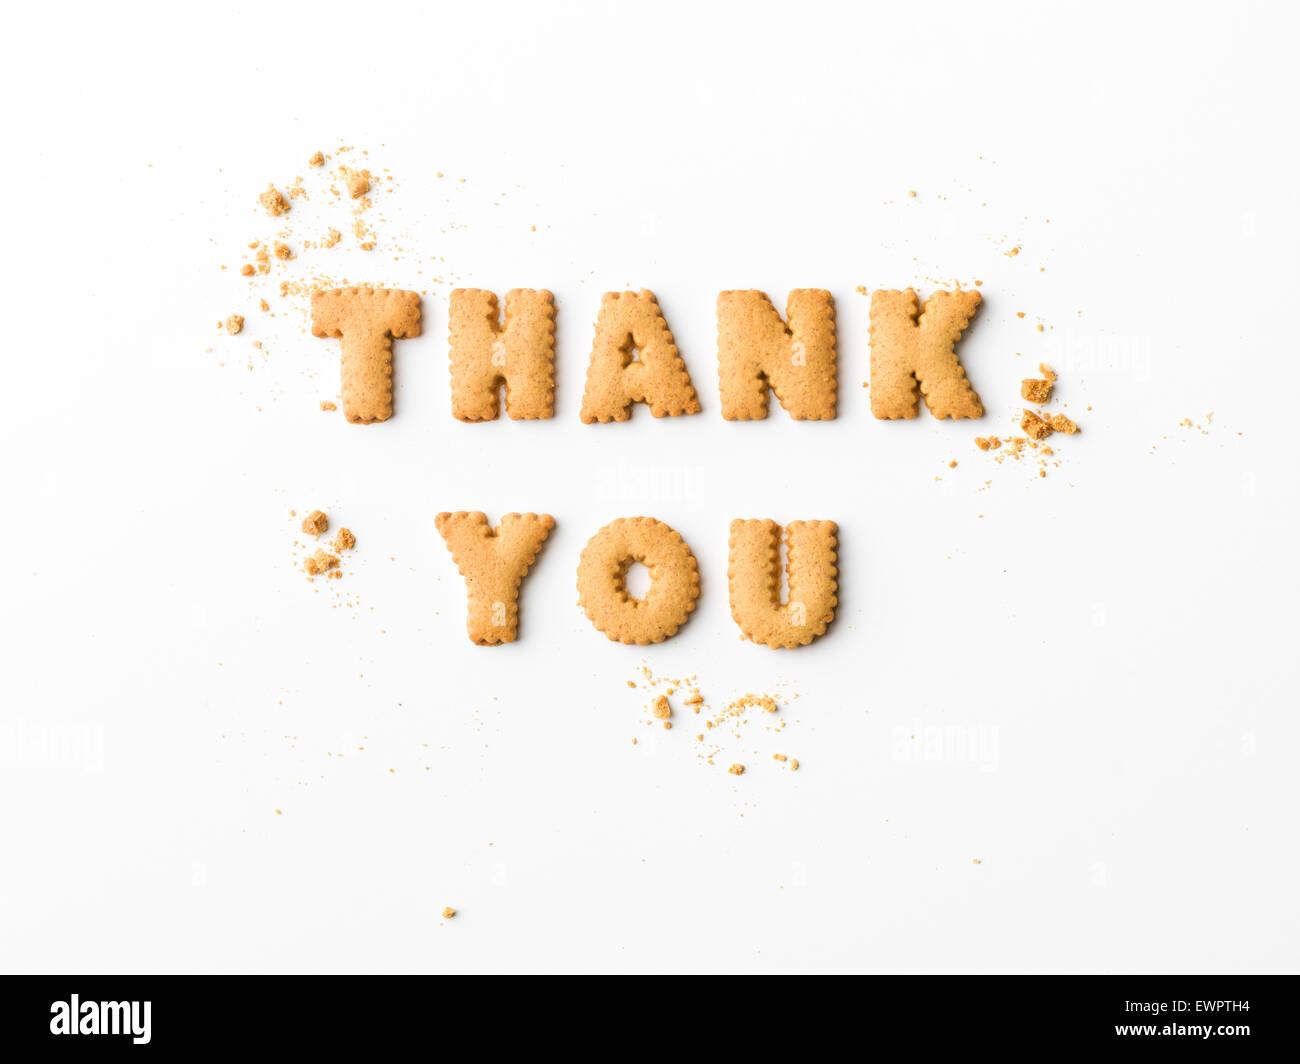 Je vous remercie message écrit avec lettre de biscuits, sur fond blanc Photo Stock